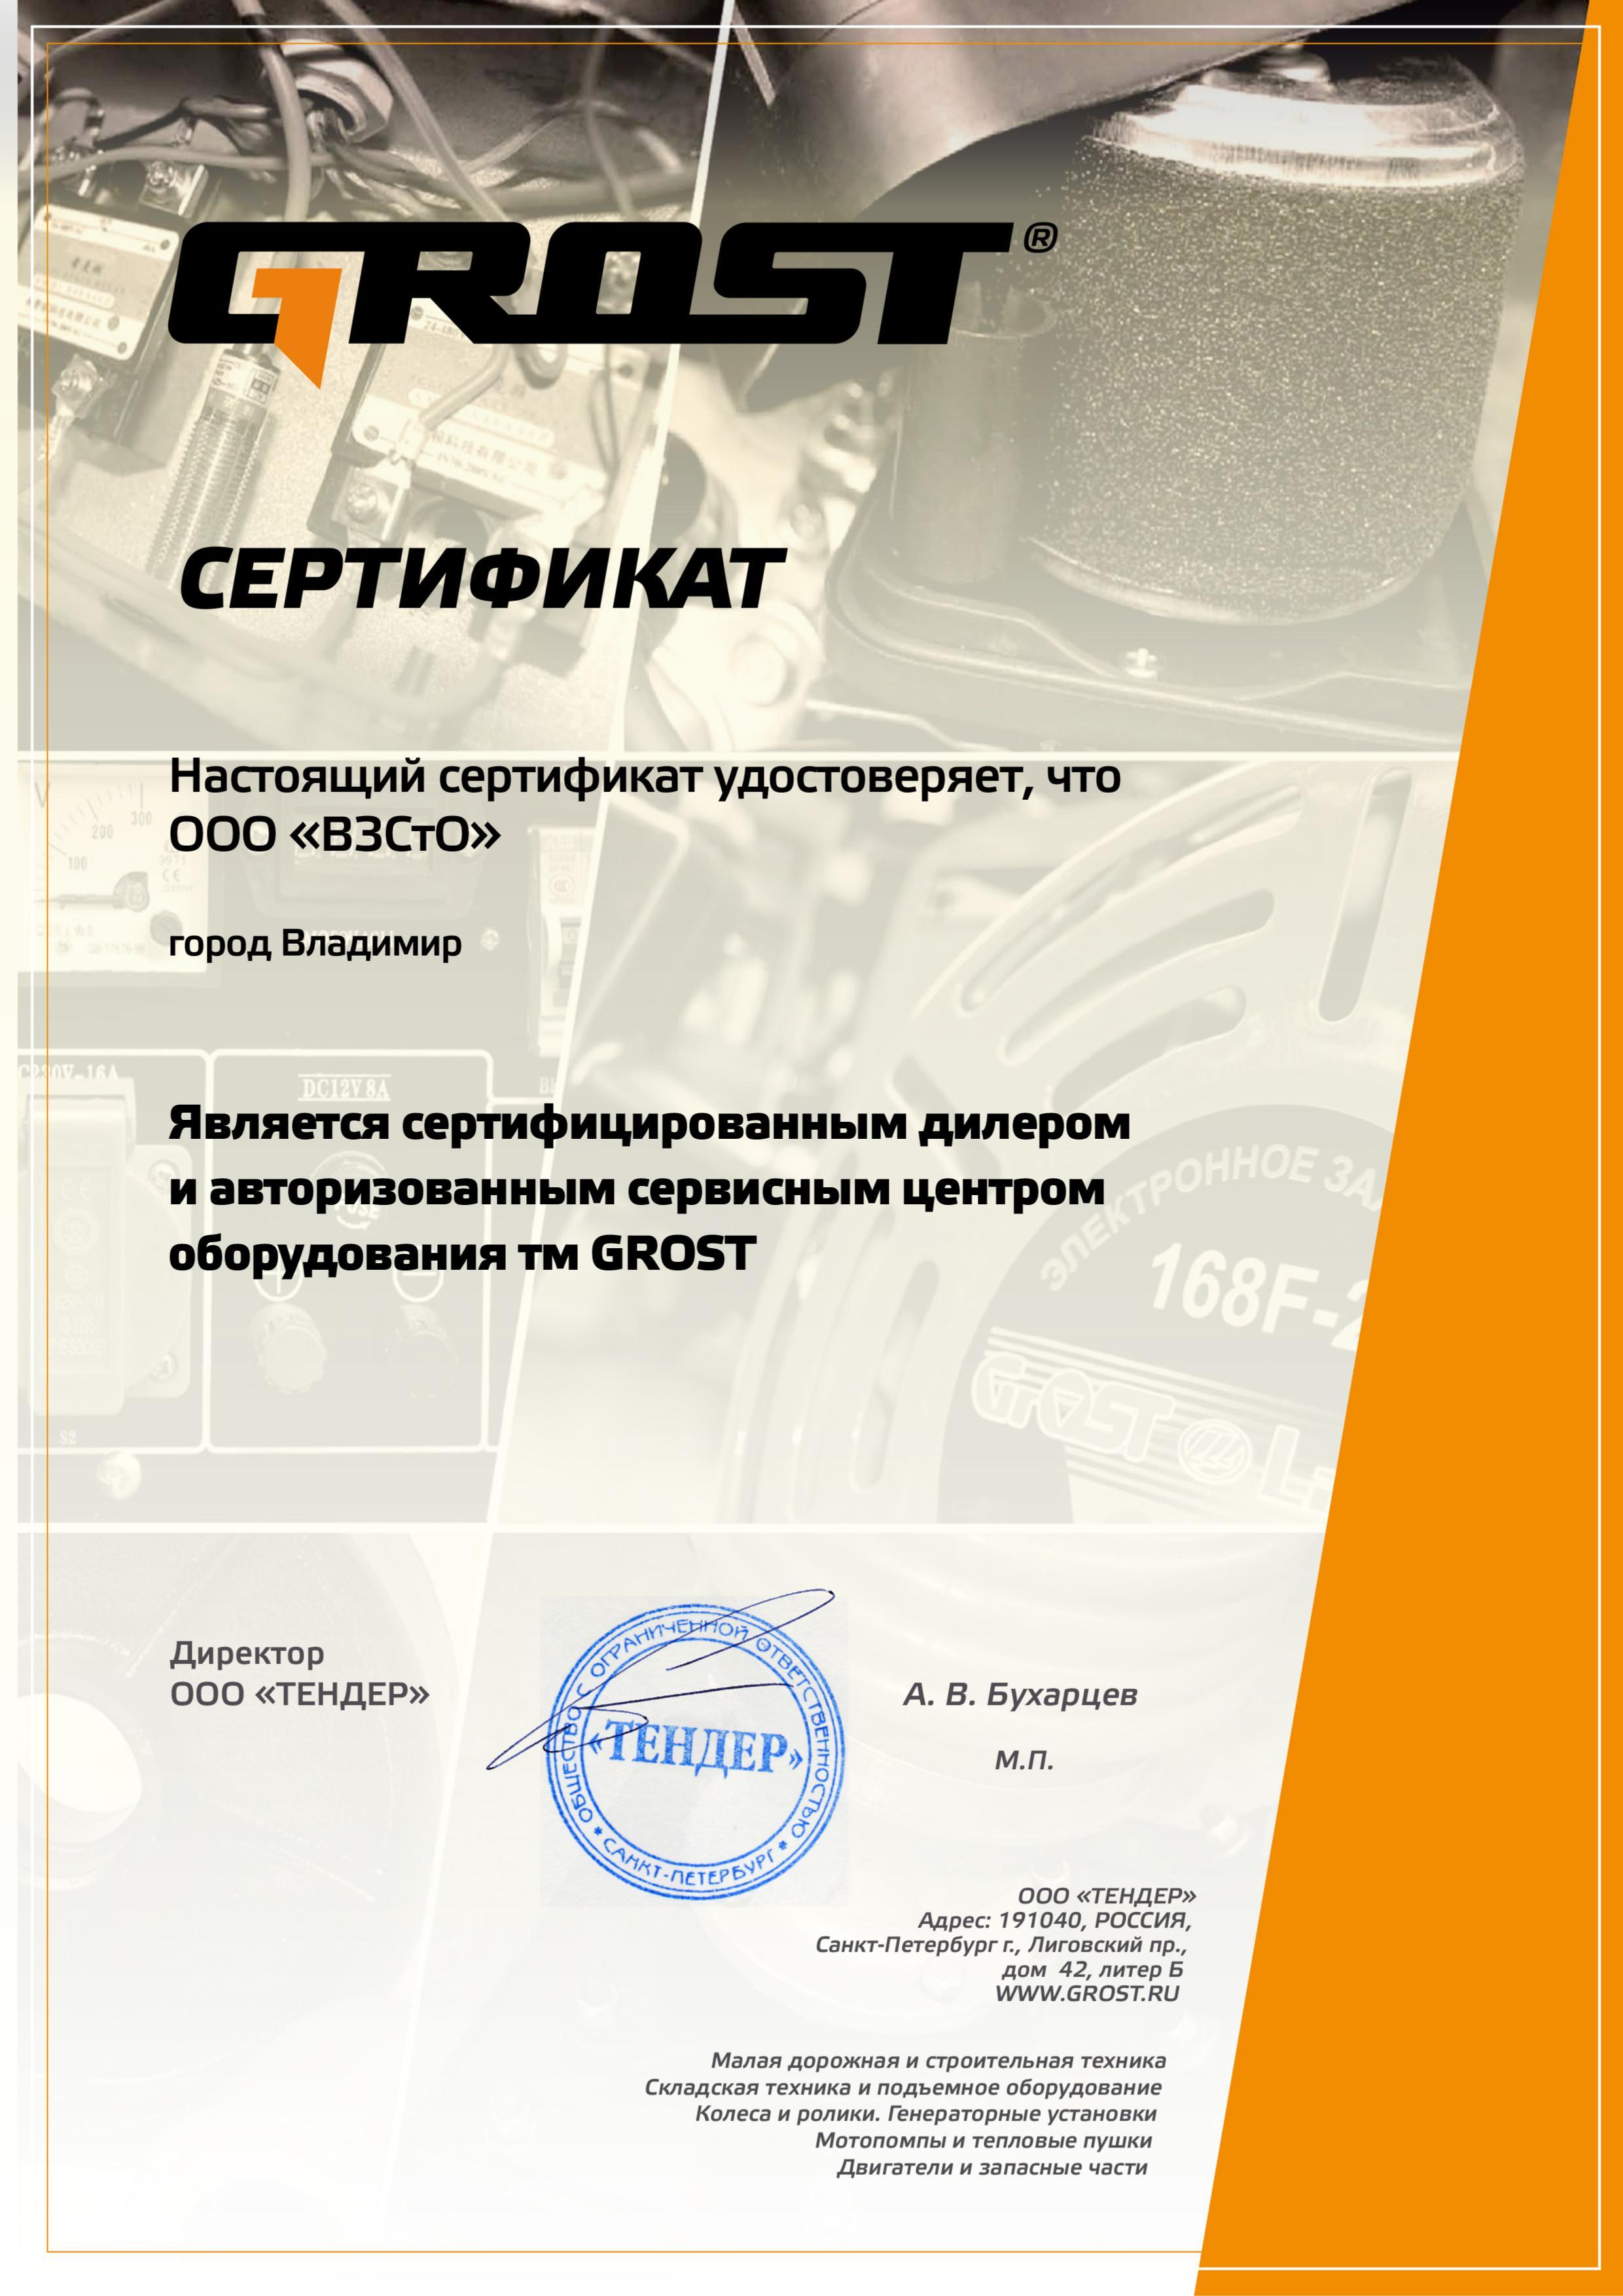 Сертификат дилера ВЗСтО